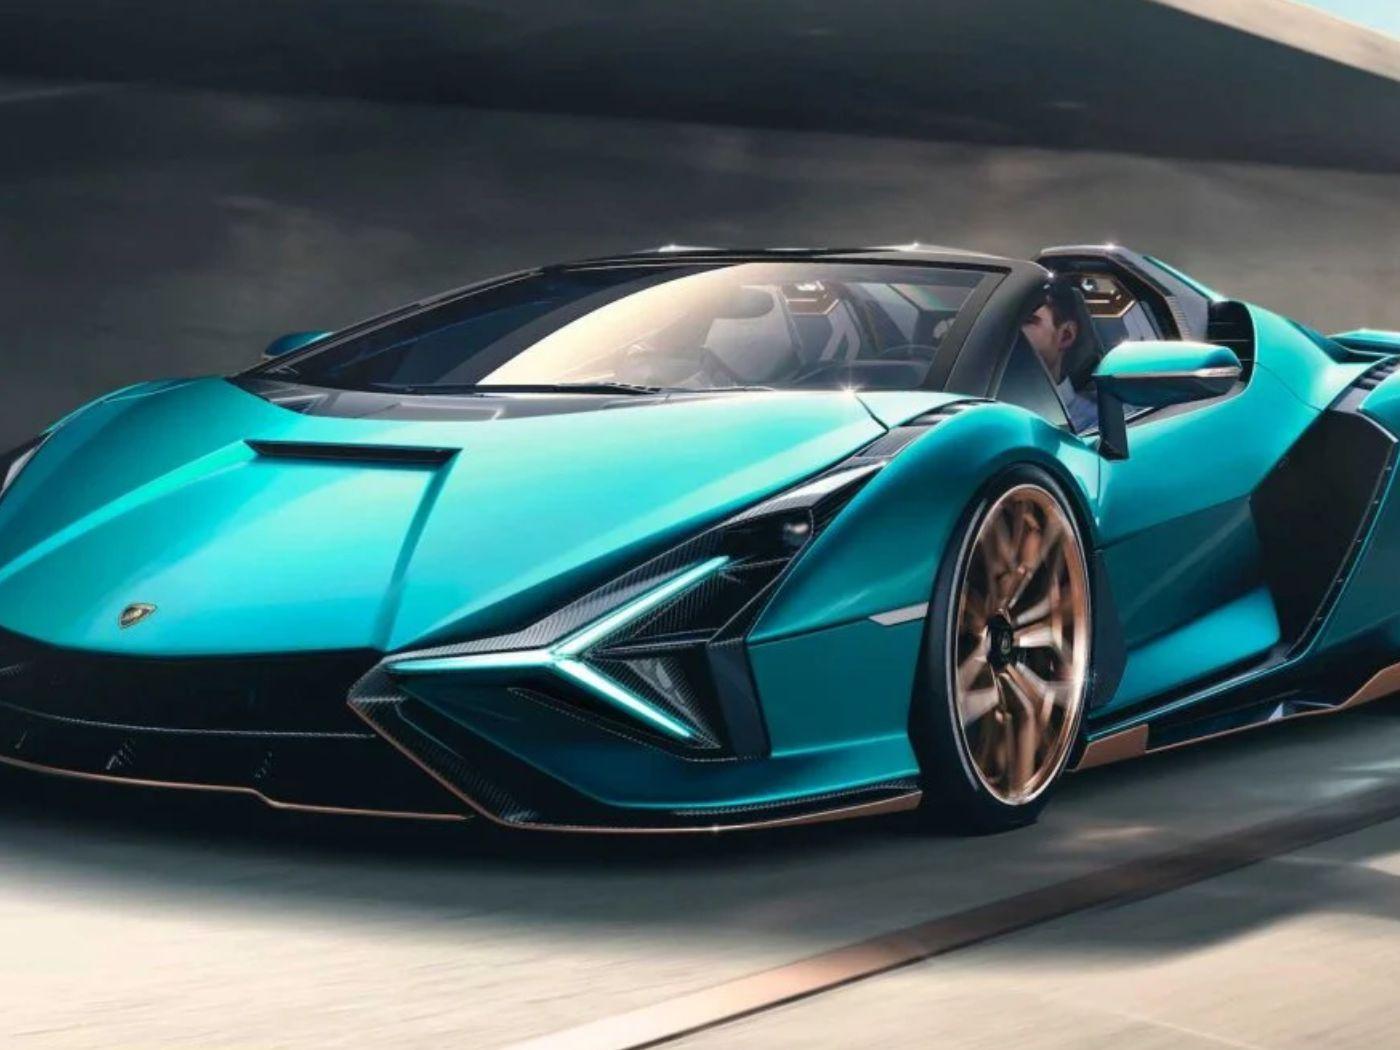 Lamborghını, Yeni Aracı Sian Roadster'ın 3D Yazıcılar ile Kişiselleştirilebileceğini Duyurdu